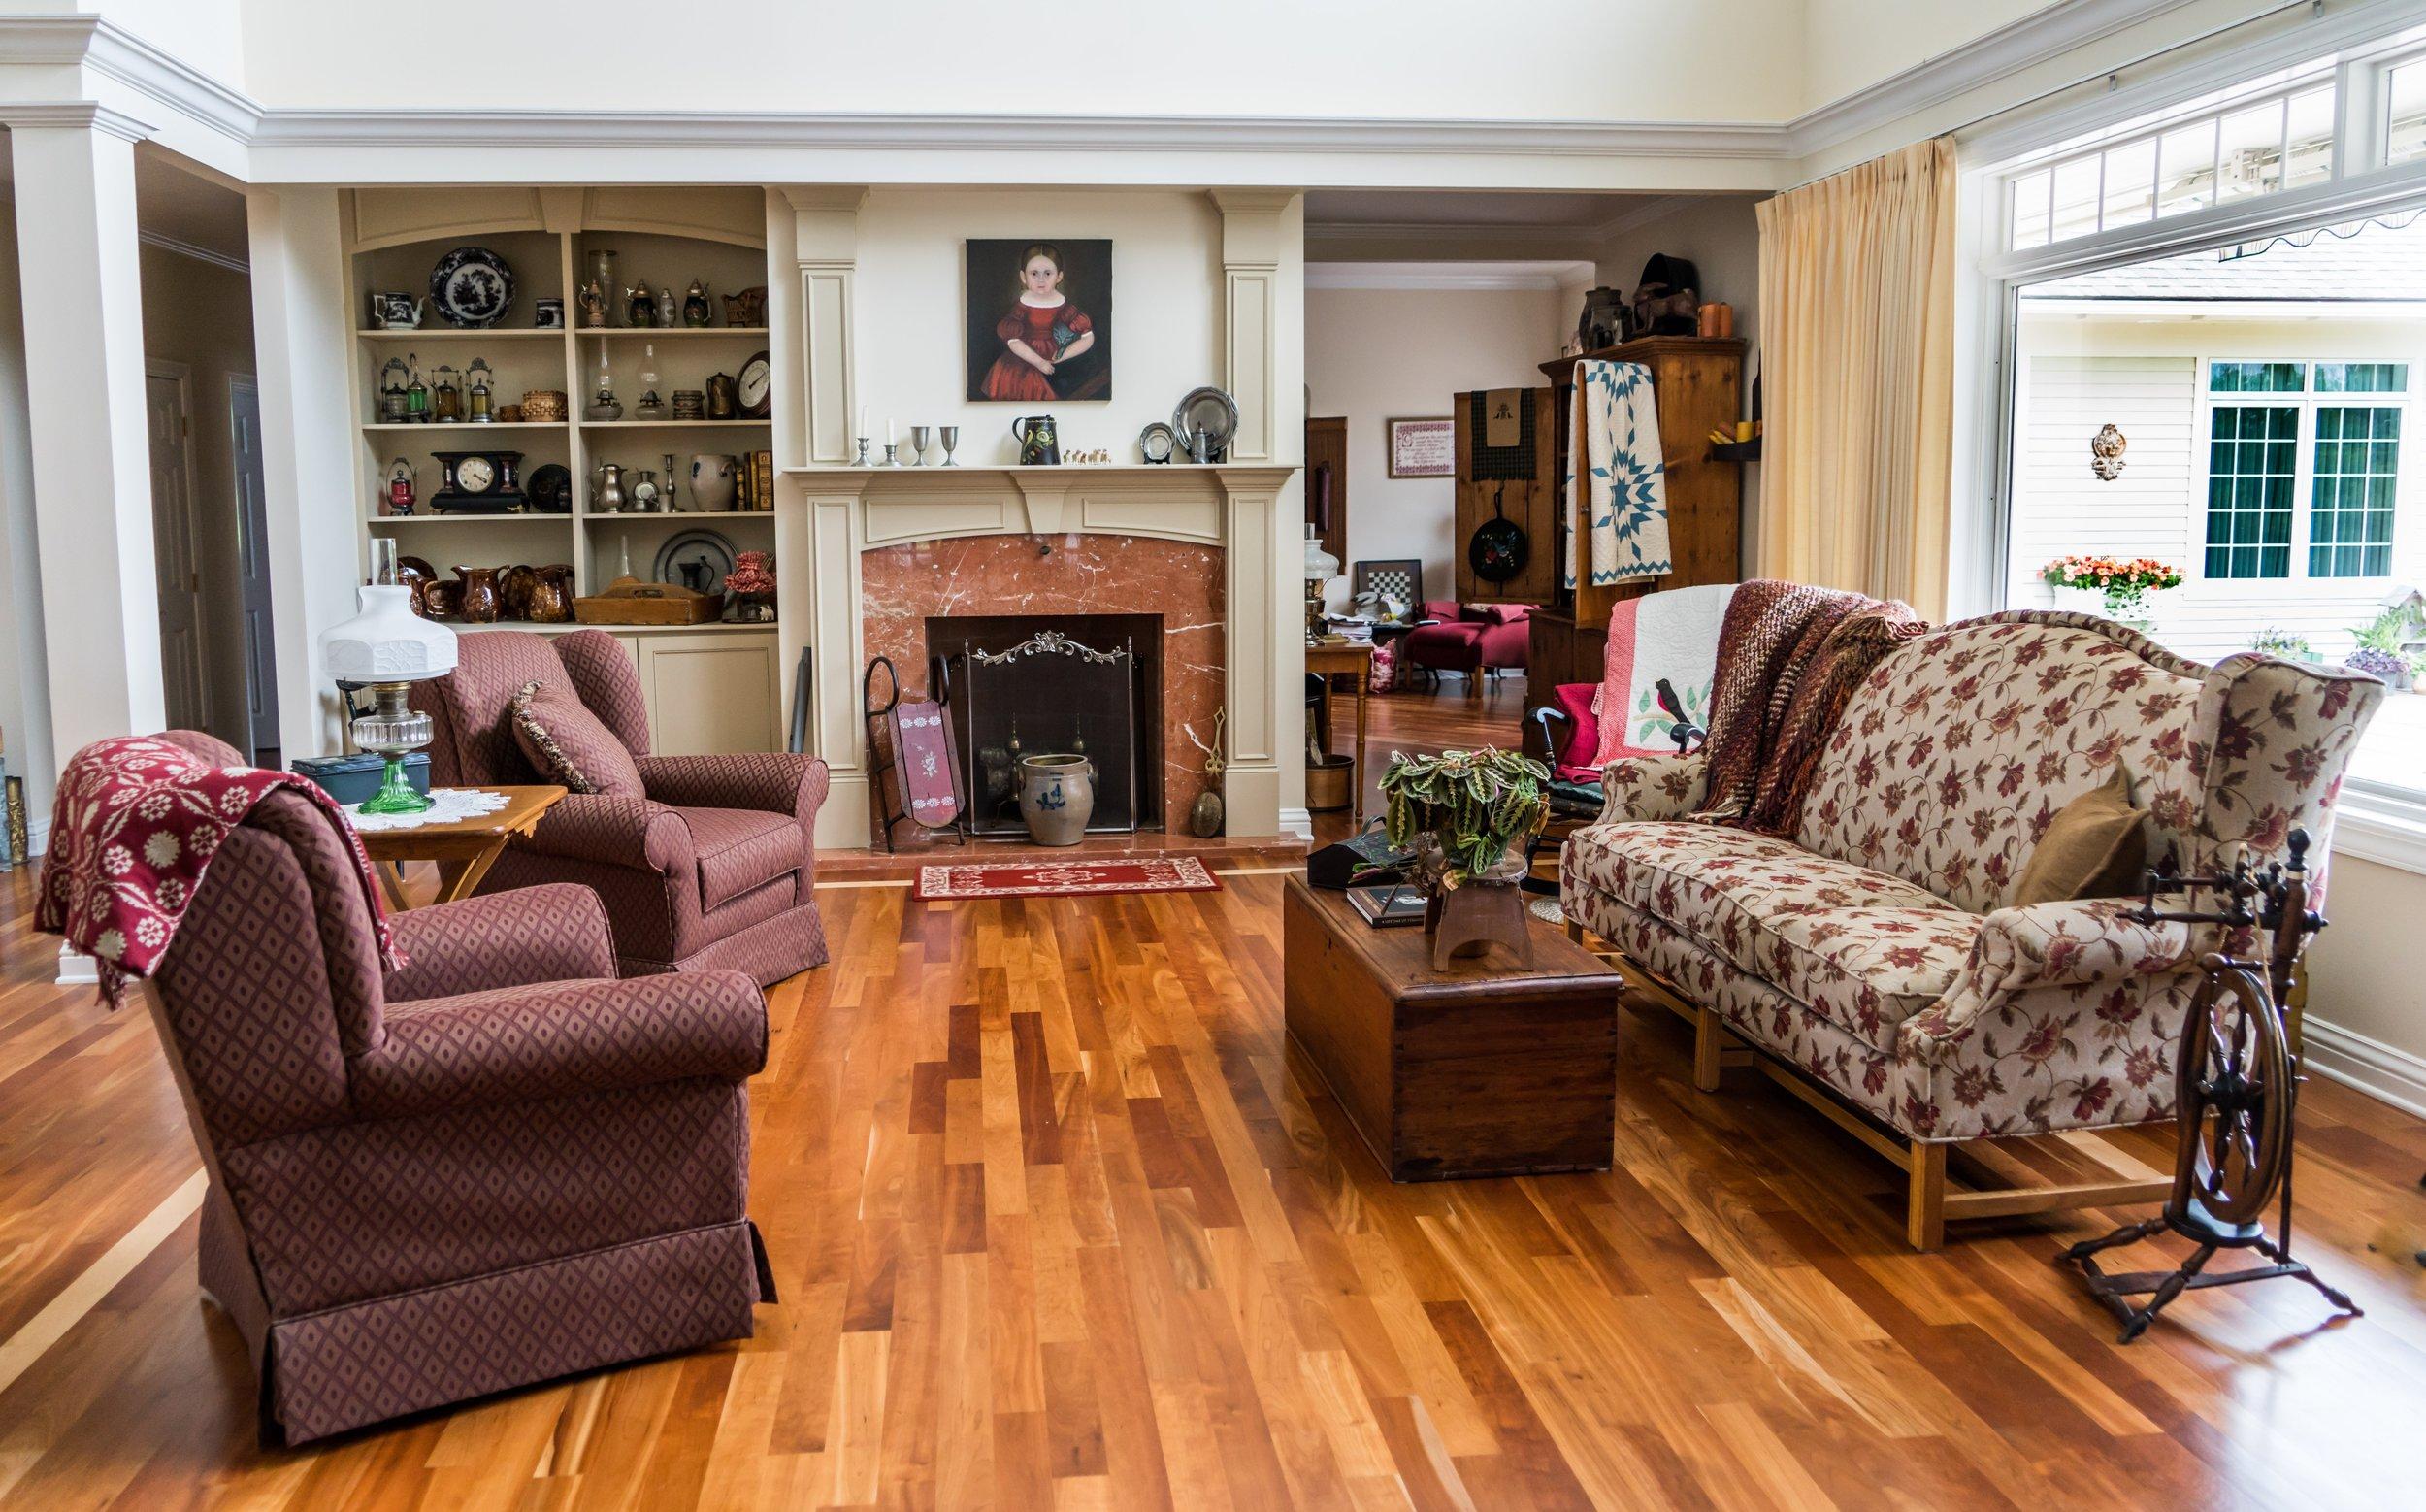 antiques-apartment-armchair-271654.jpg